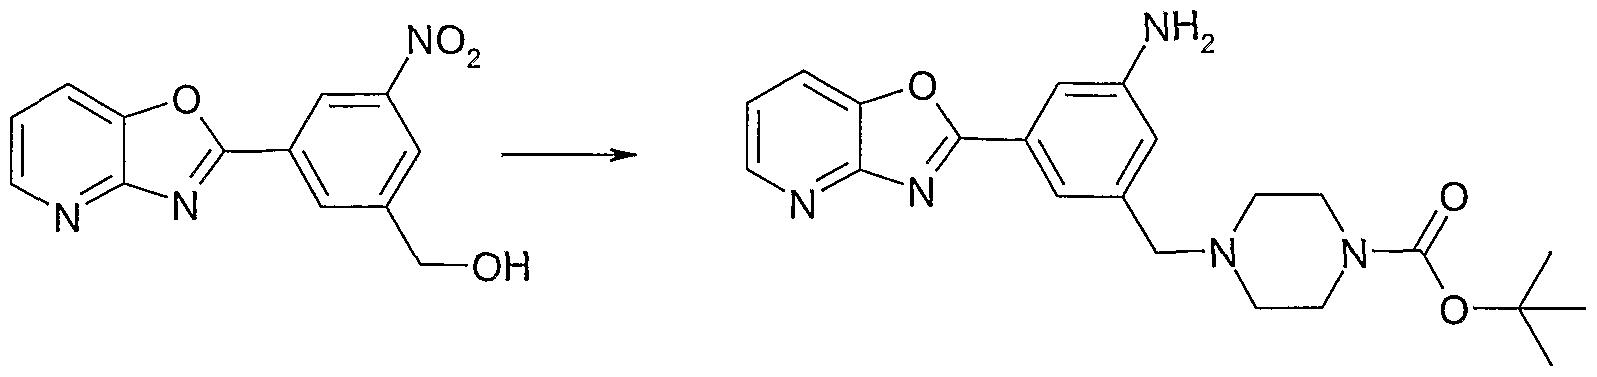 Figure imgf000262_0002